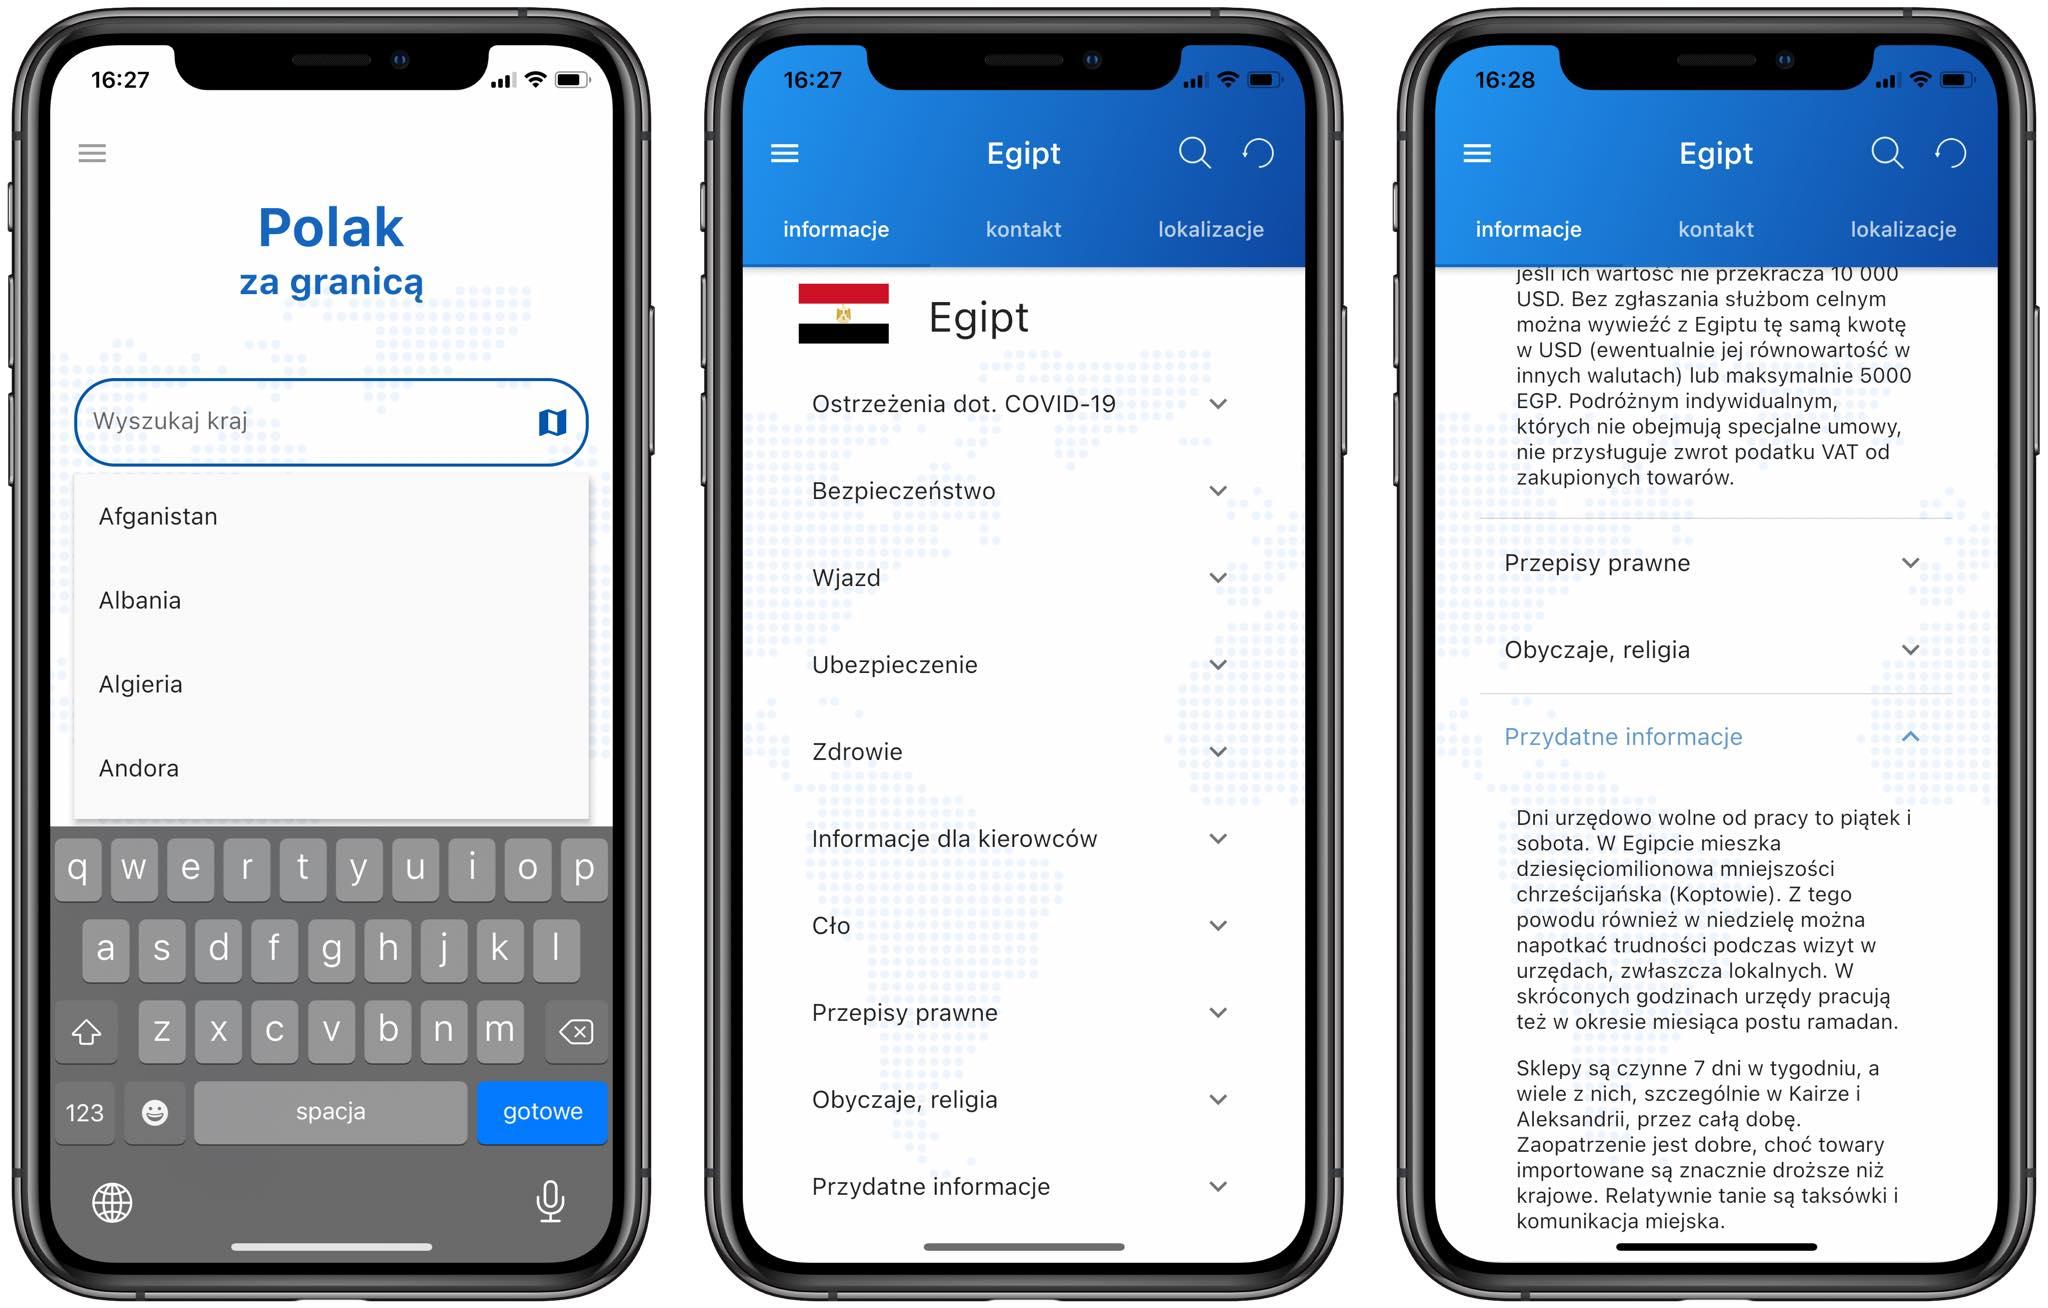 Jakie aplikacje zainstalować przed wyjazdem za granicę?